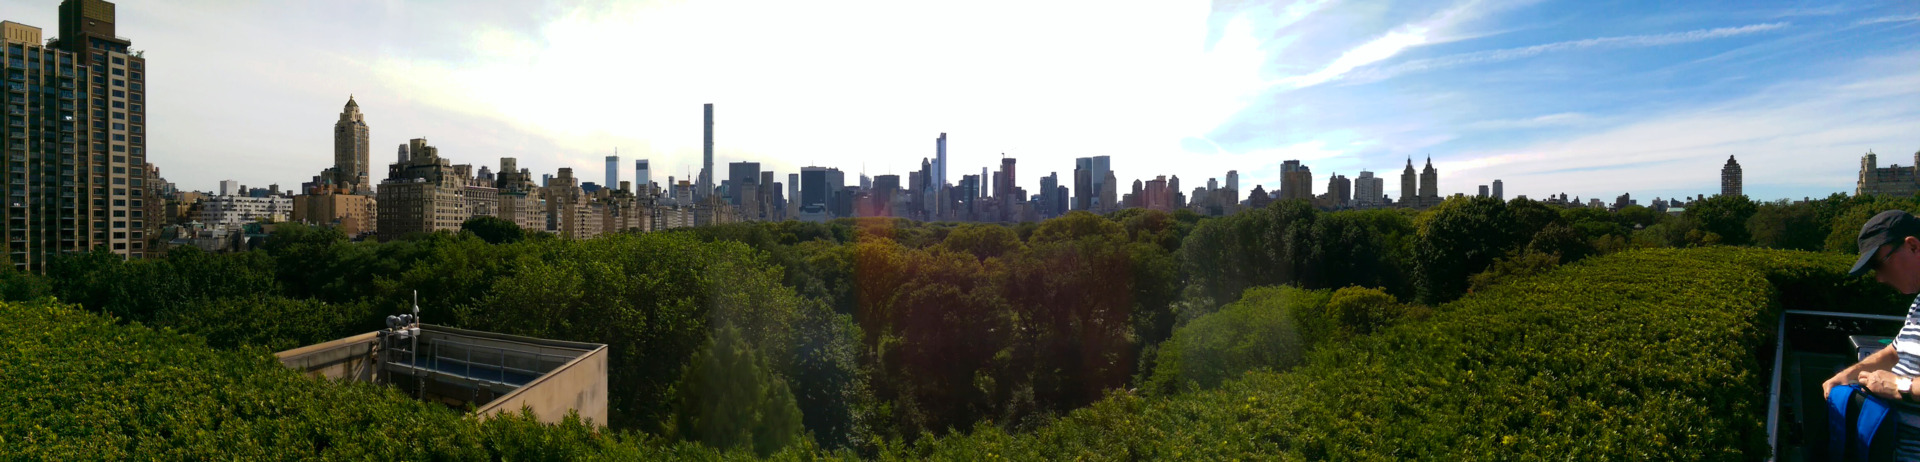 Najlepsze punkty widokowe w Nowym Jorku - Panorama na Manhattan z Central Parku - Metropolitan Museum of Art